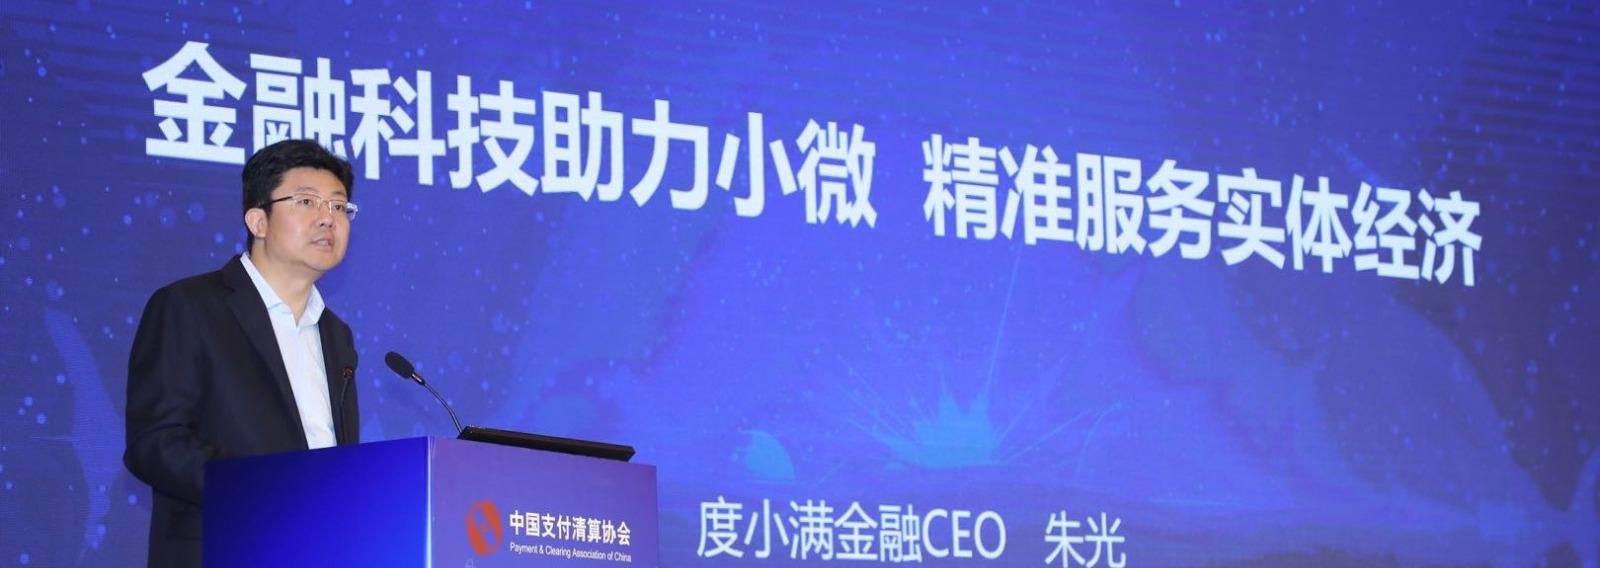 度小满金融CEO朱光:破解小微企业融资难还是靠科技来解决